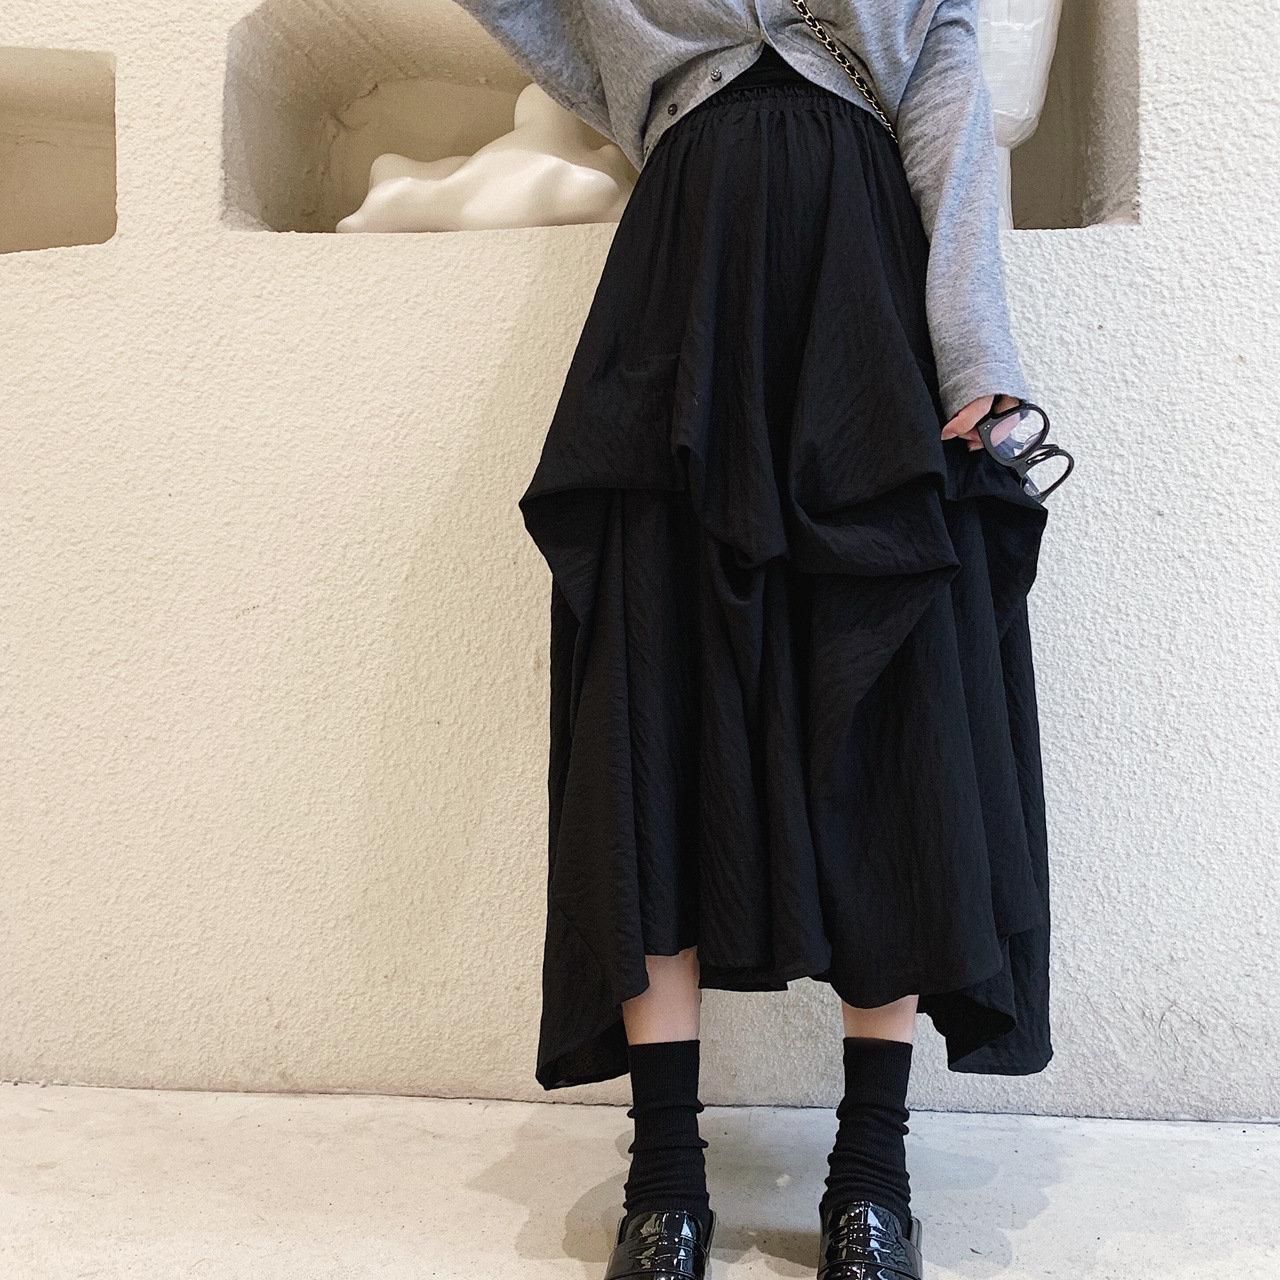 2021 纯色通勤新款小黑裙山本裙子高弹褶皱高腰设计A字半身裙女